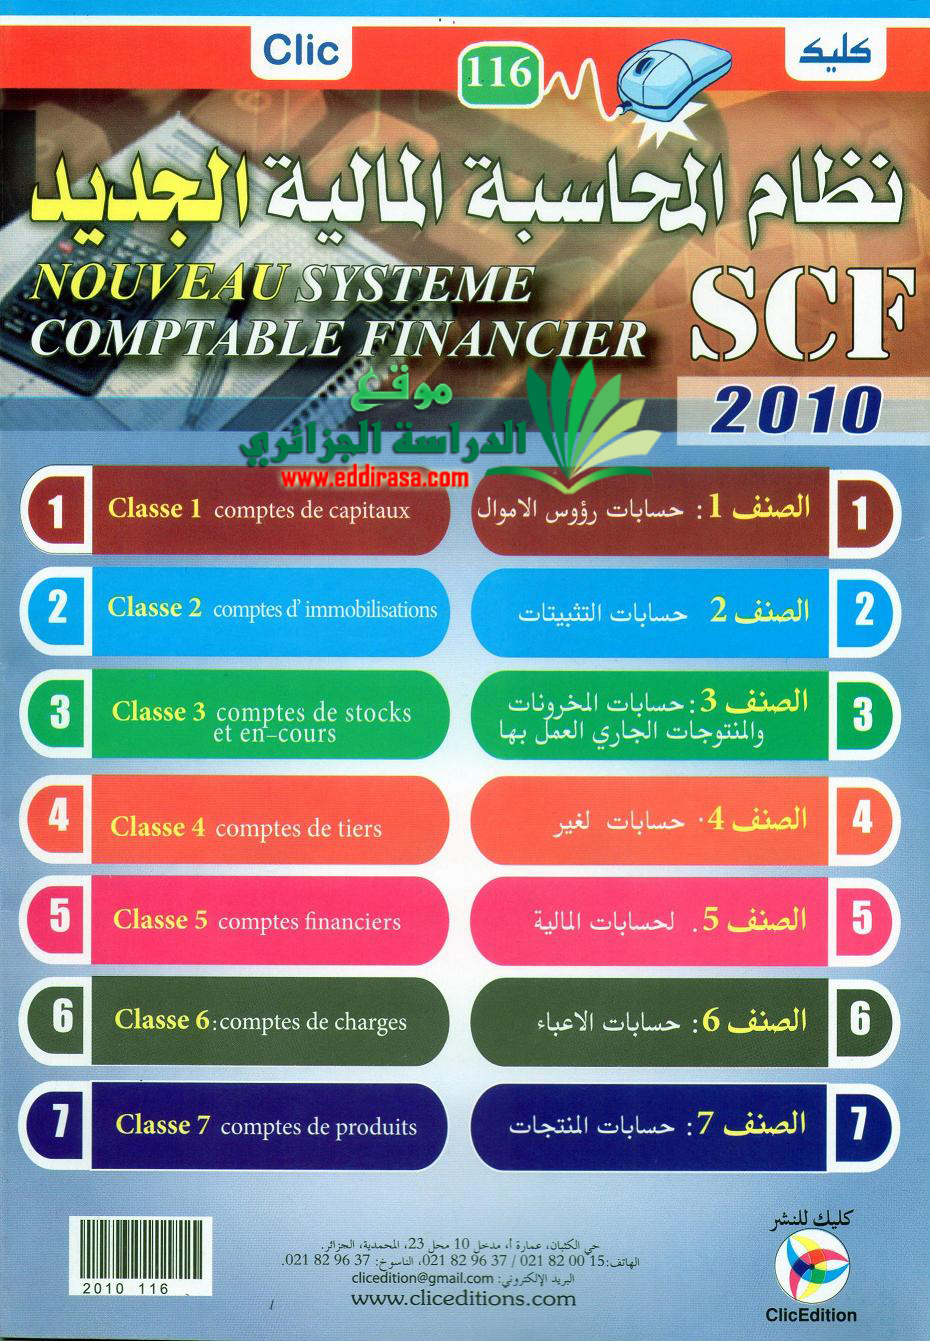 مطوية كليك في نظام المحاسبة المالية scf ثالثة ثانوي Clic_gestion_SCF_3AS